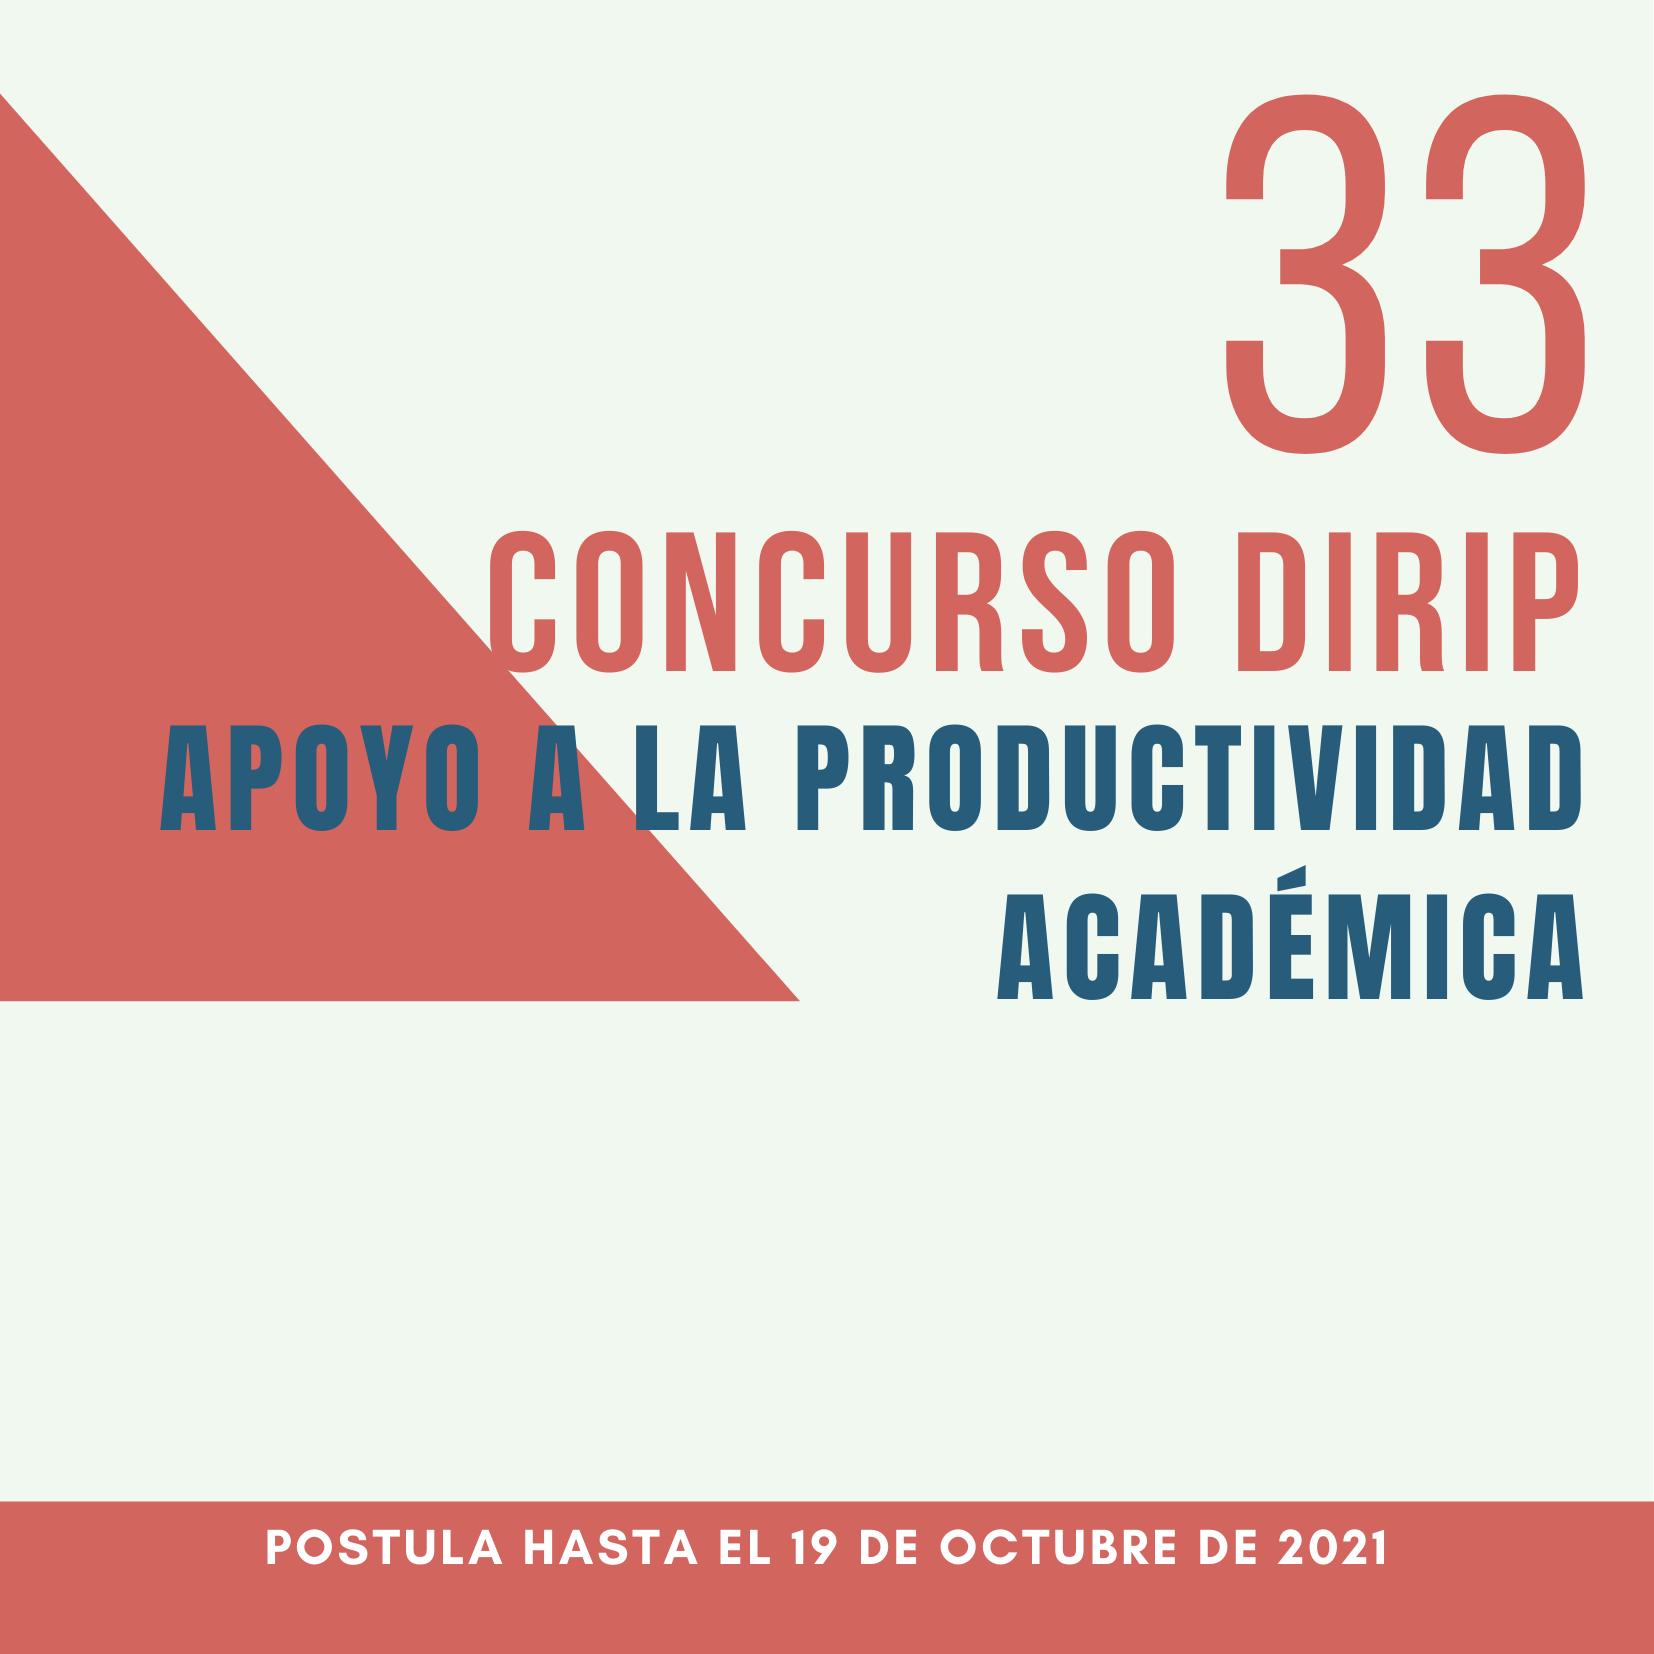 NOTICIAS 33° CONCURSO DIRIP   Apoyo a la productividad académica